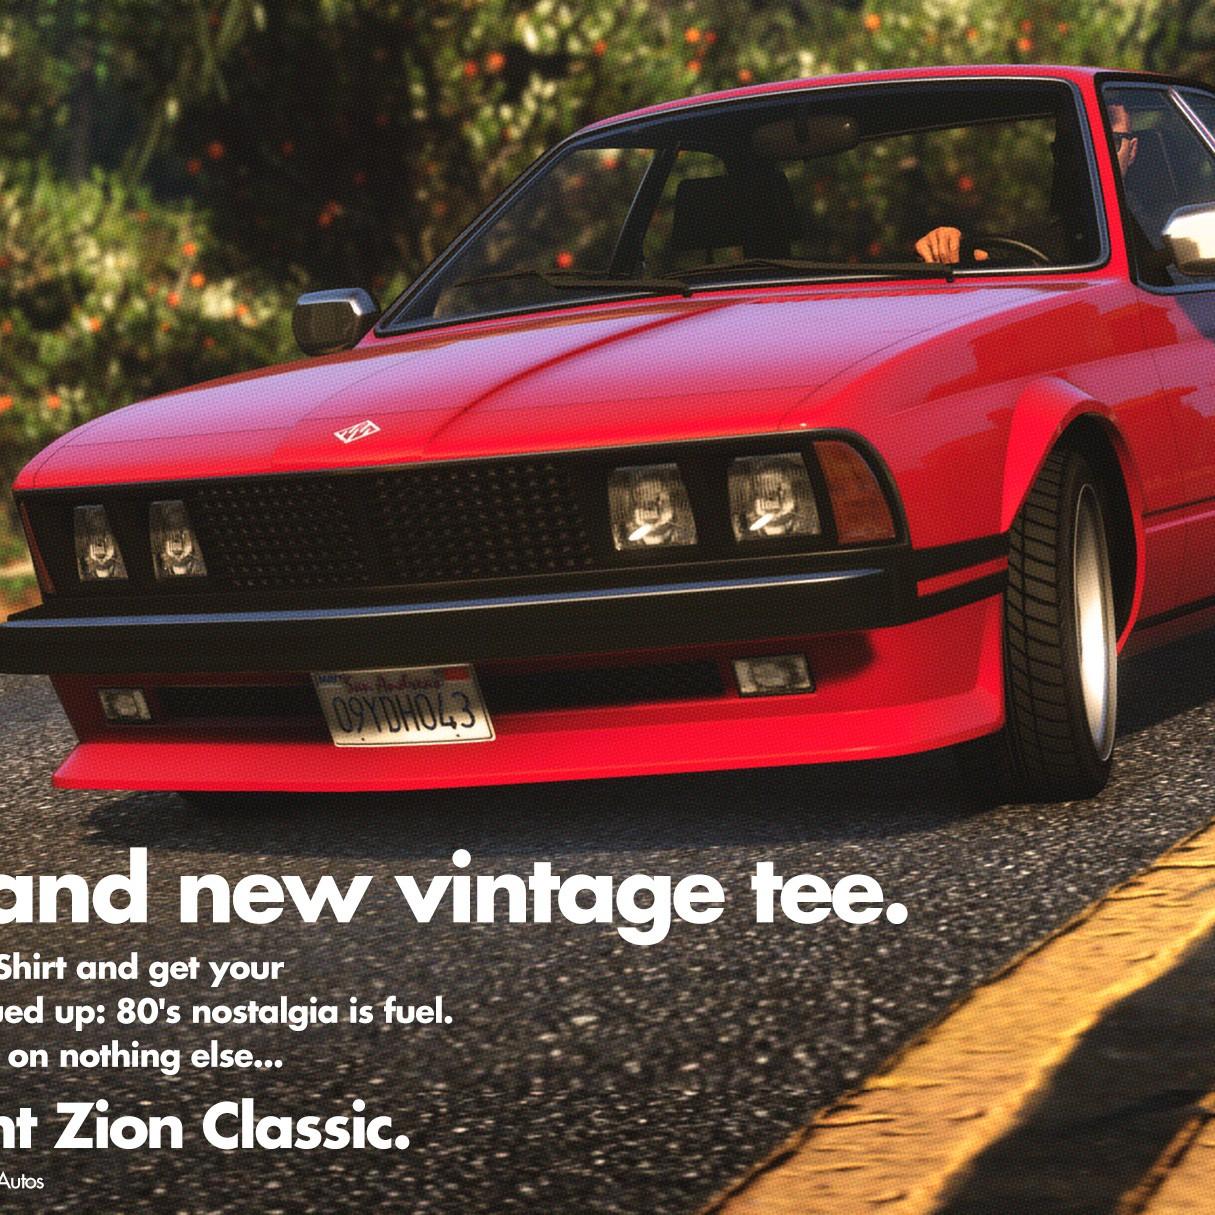 GTA Online : La Übermacht Zion classique est maintenant disponible